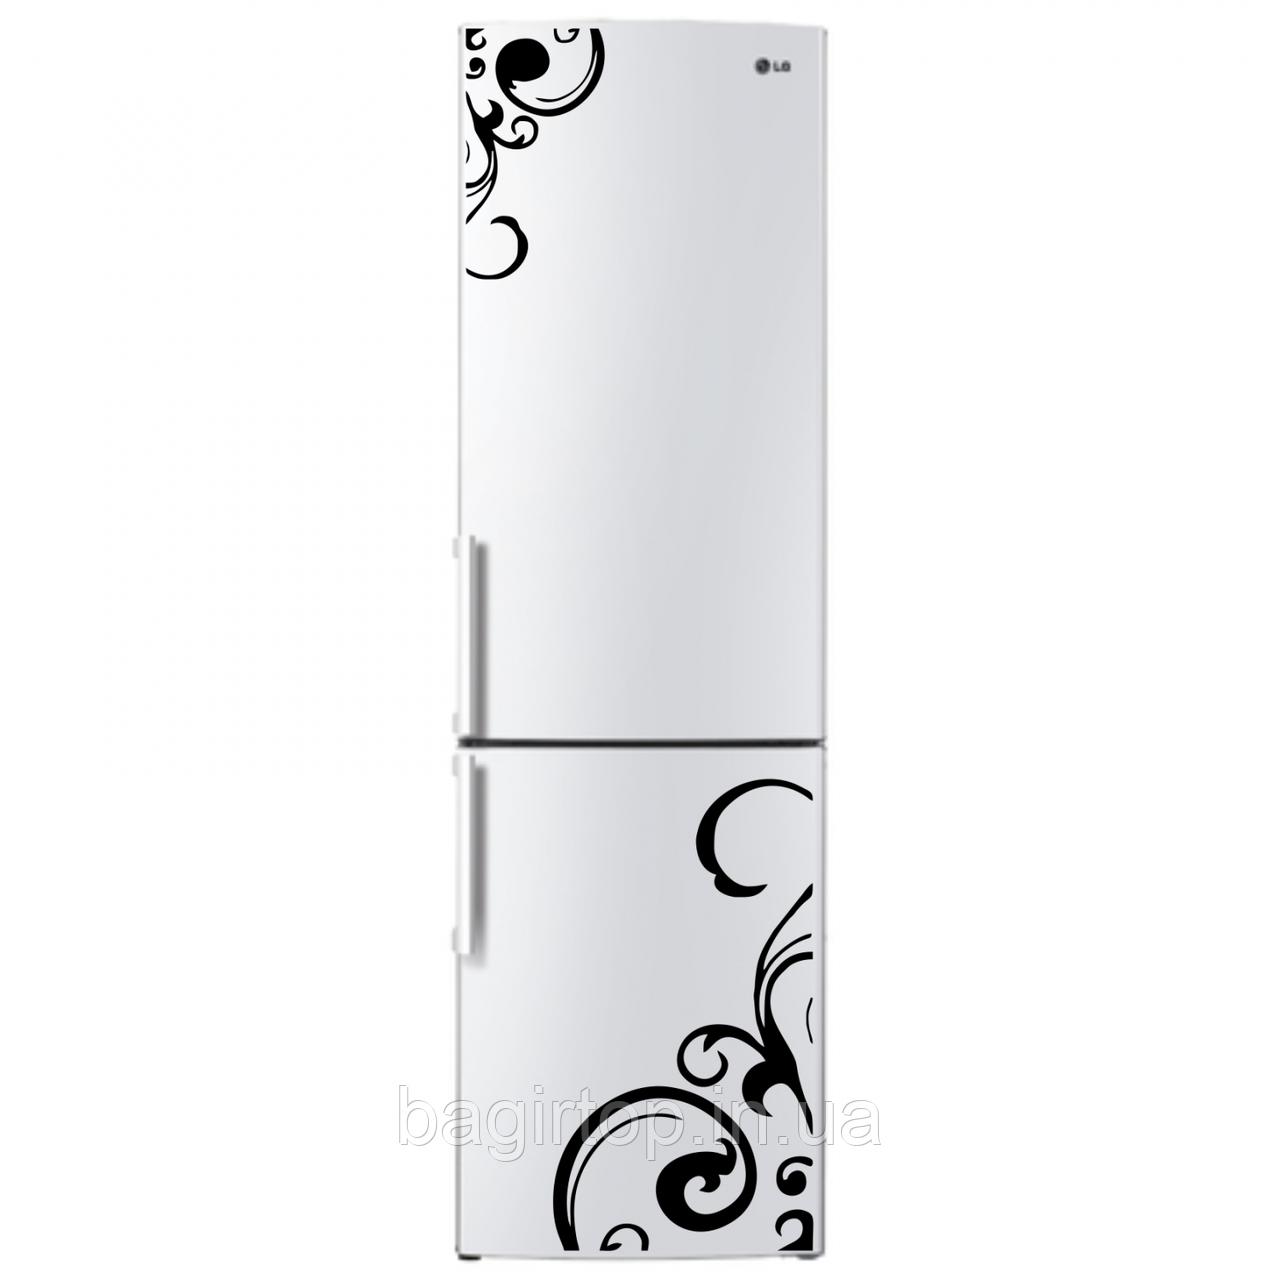 Виниловая наклейка на холодильник - Набор узор 2